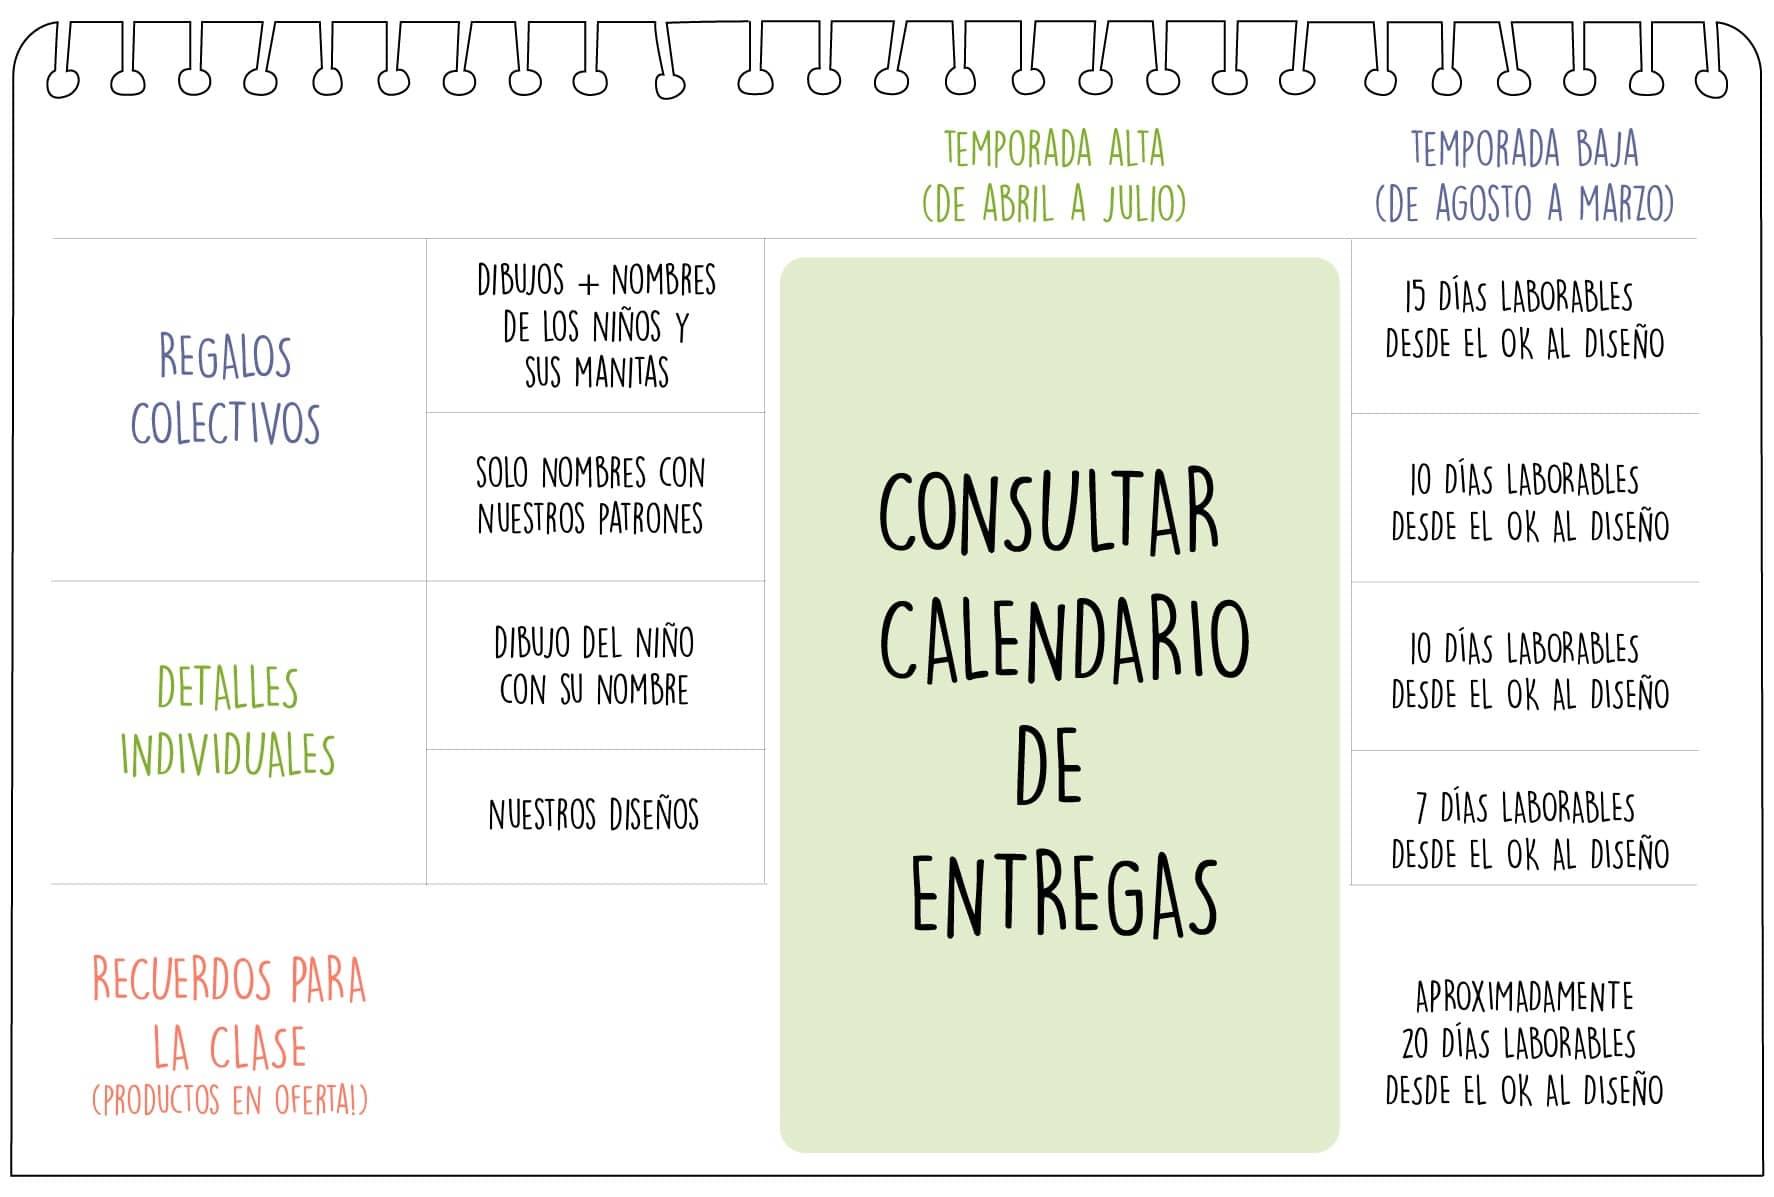 Calendario regaloalprofe.com plazos